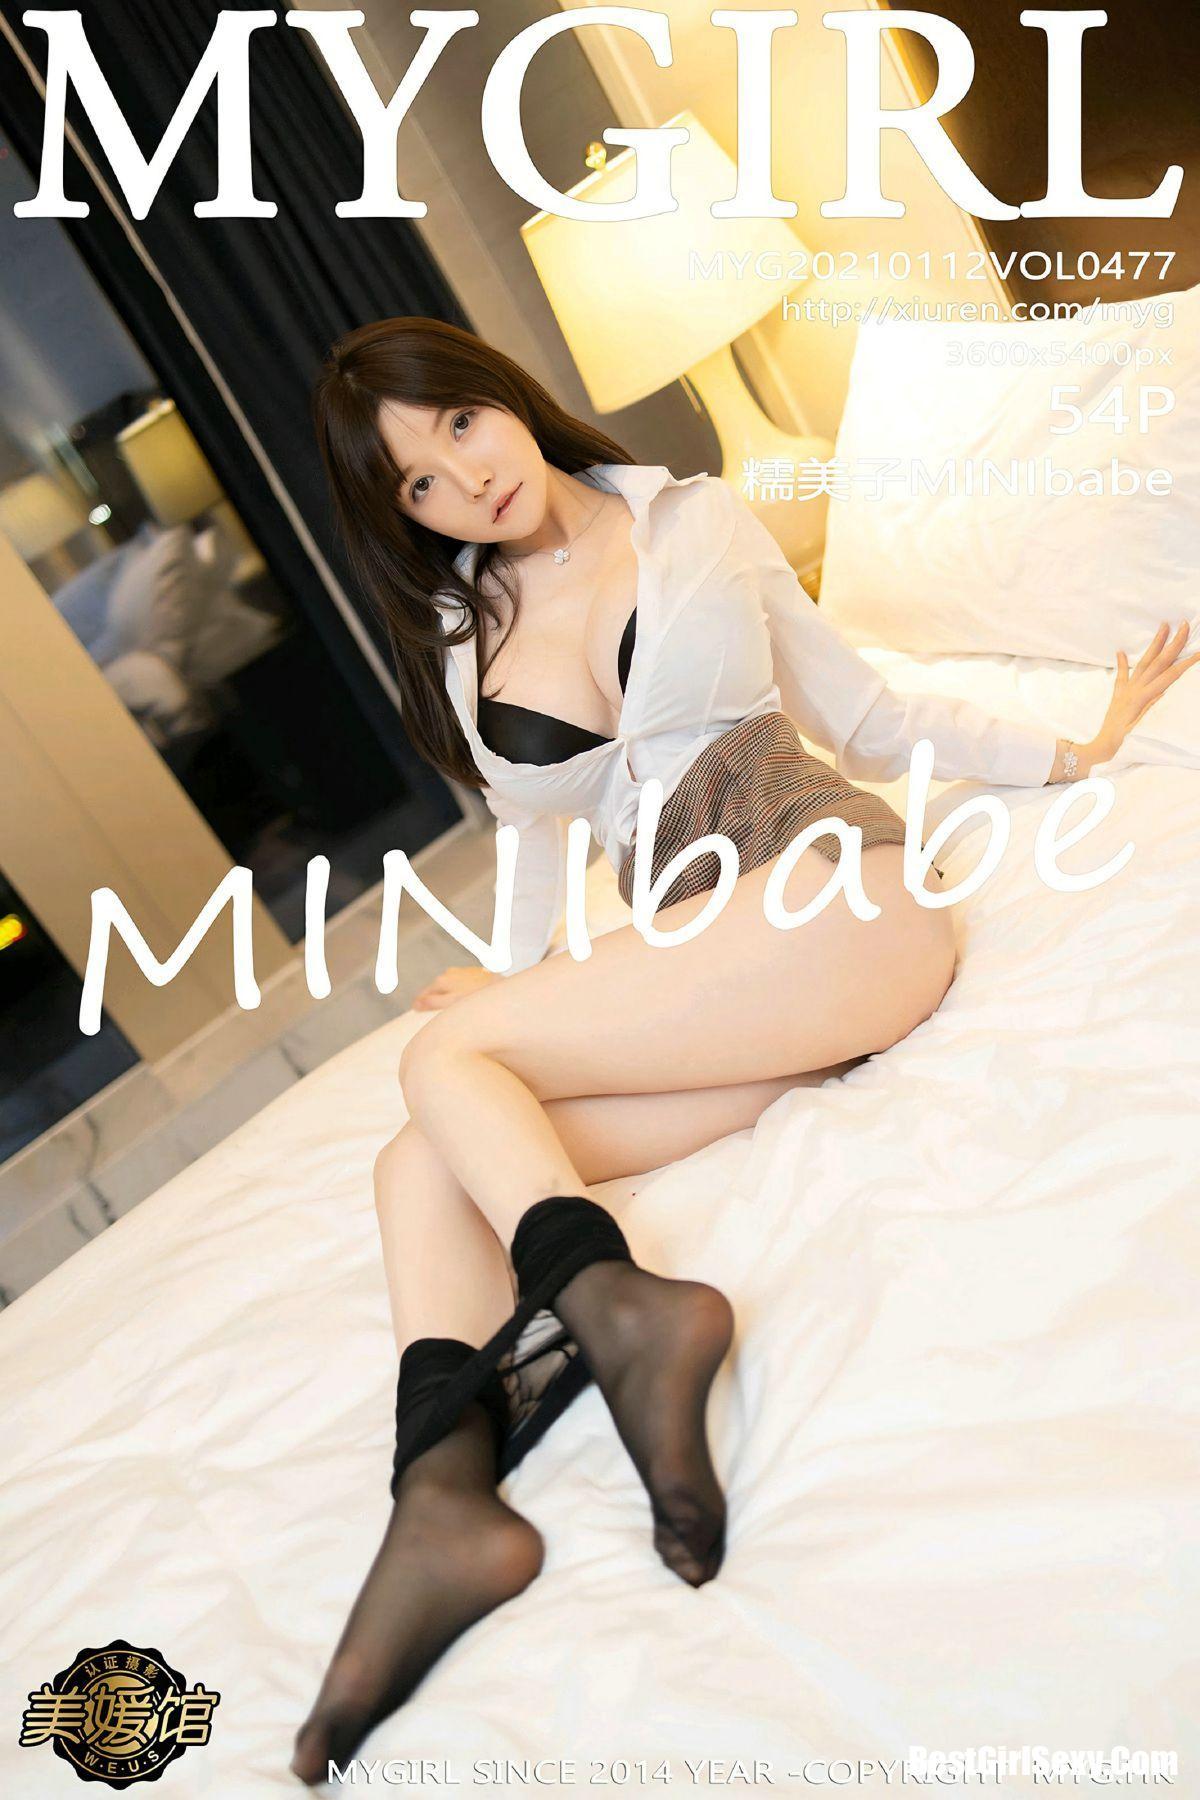 MyGirl美媛馆 Vol.477 Mini Da Meng Meng